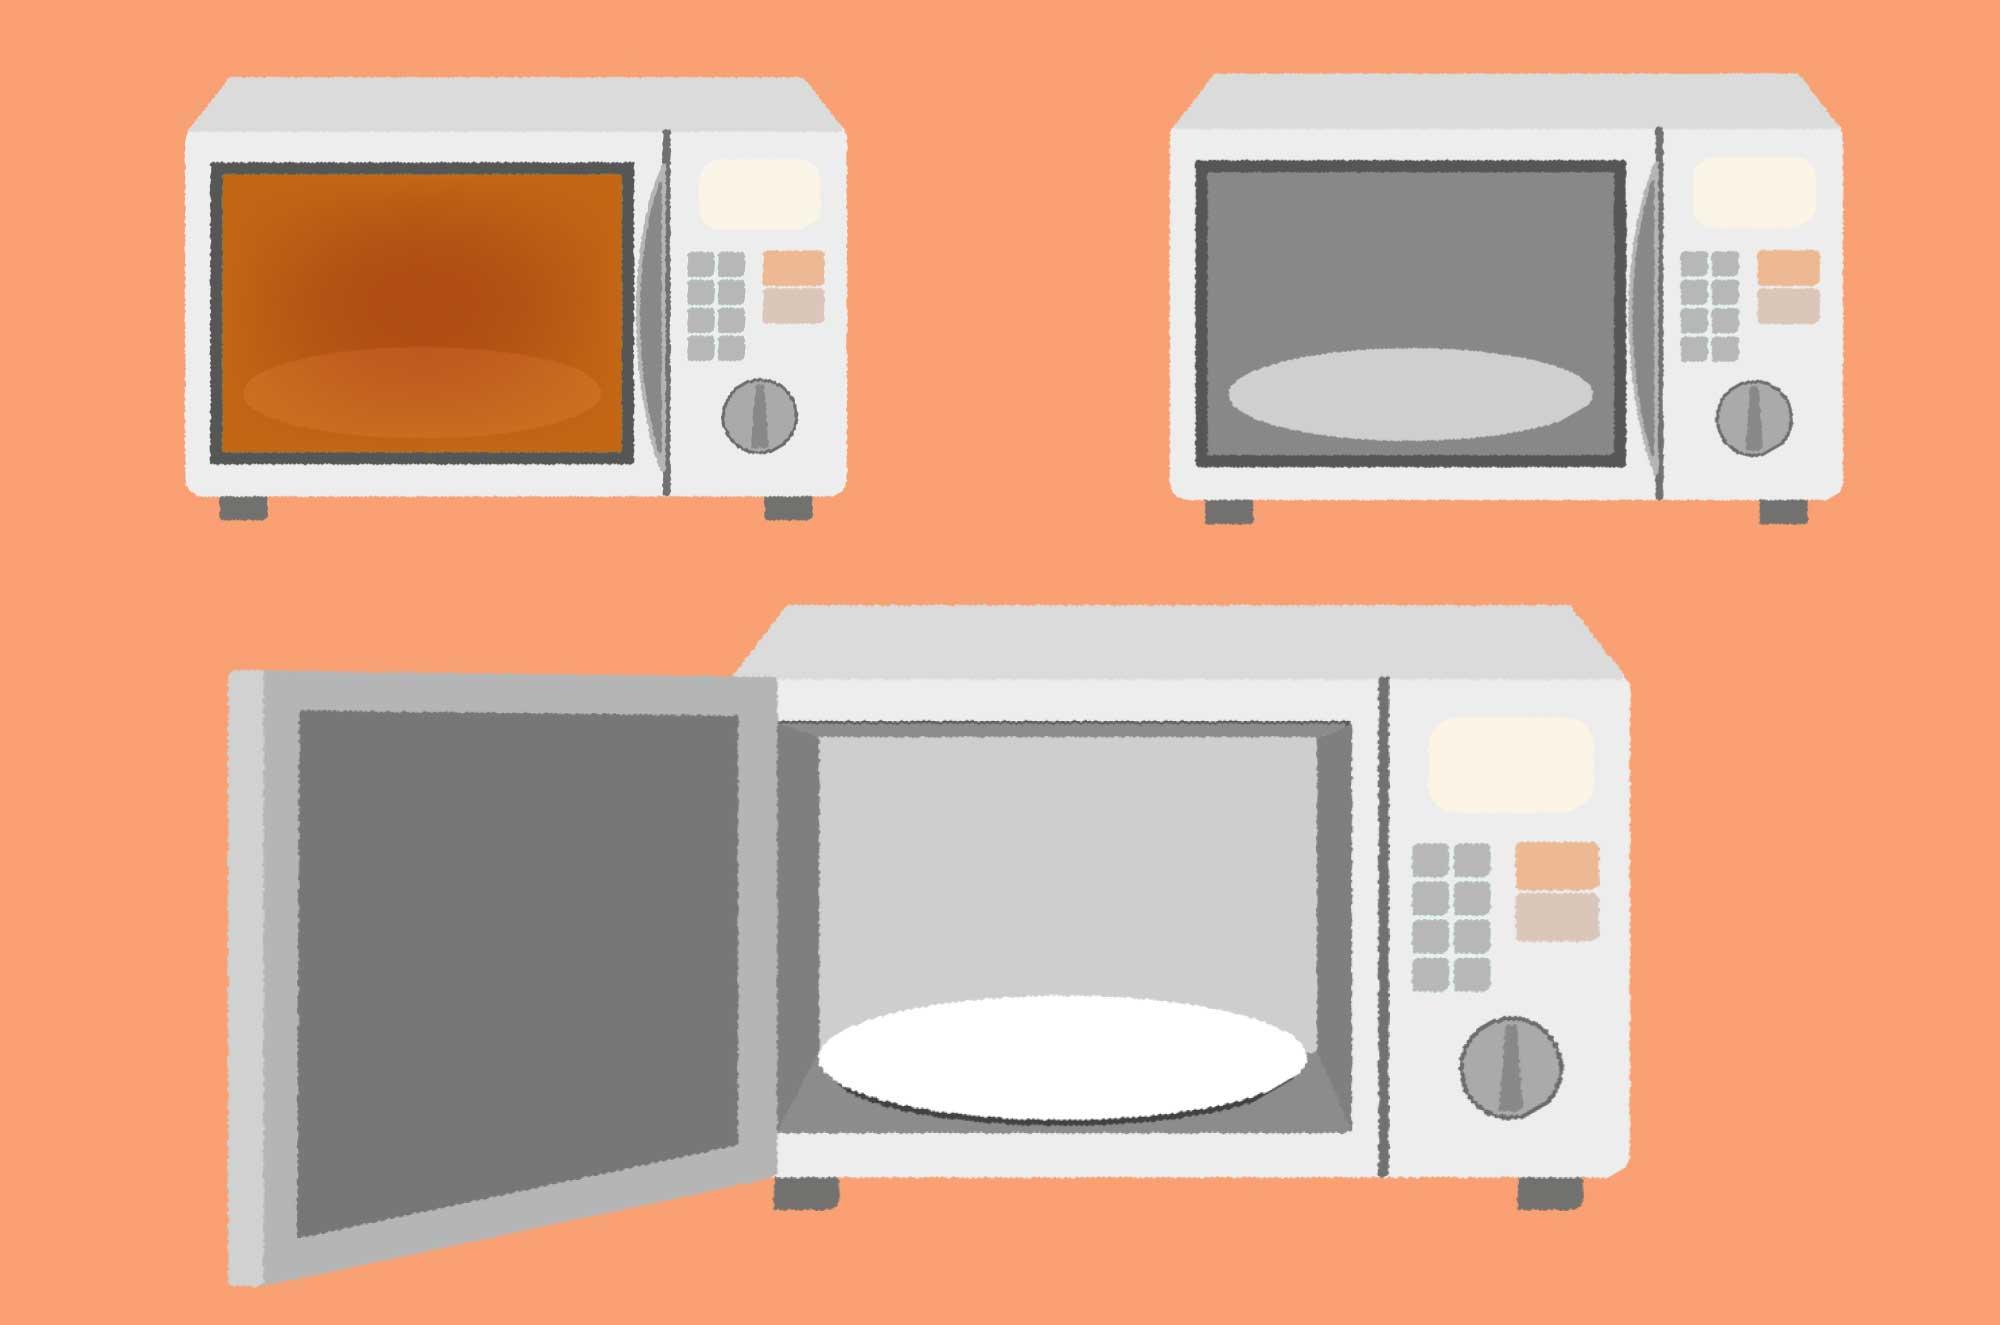 可愛い電子レンジのイラスト - 温める家電の無料素材